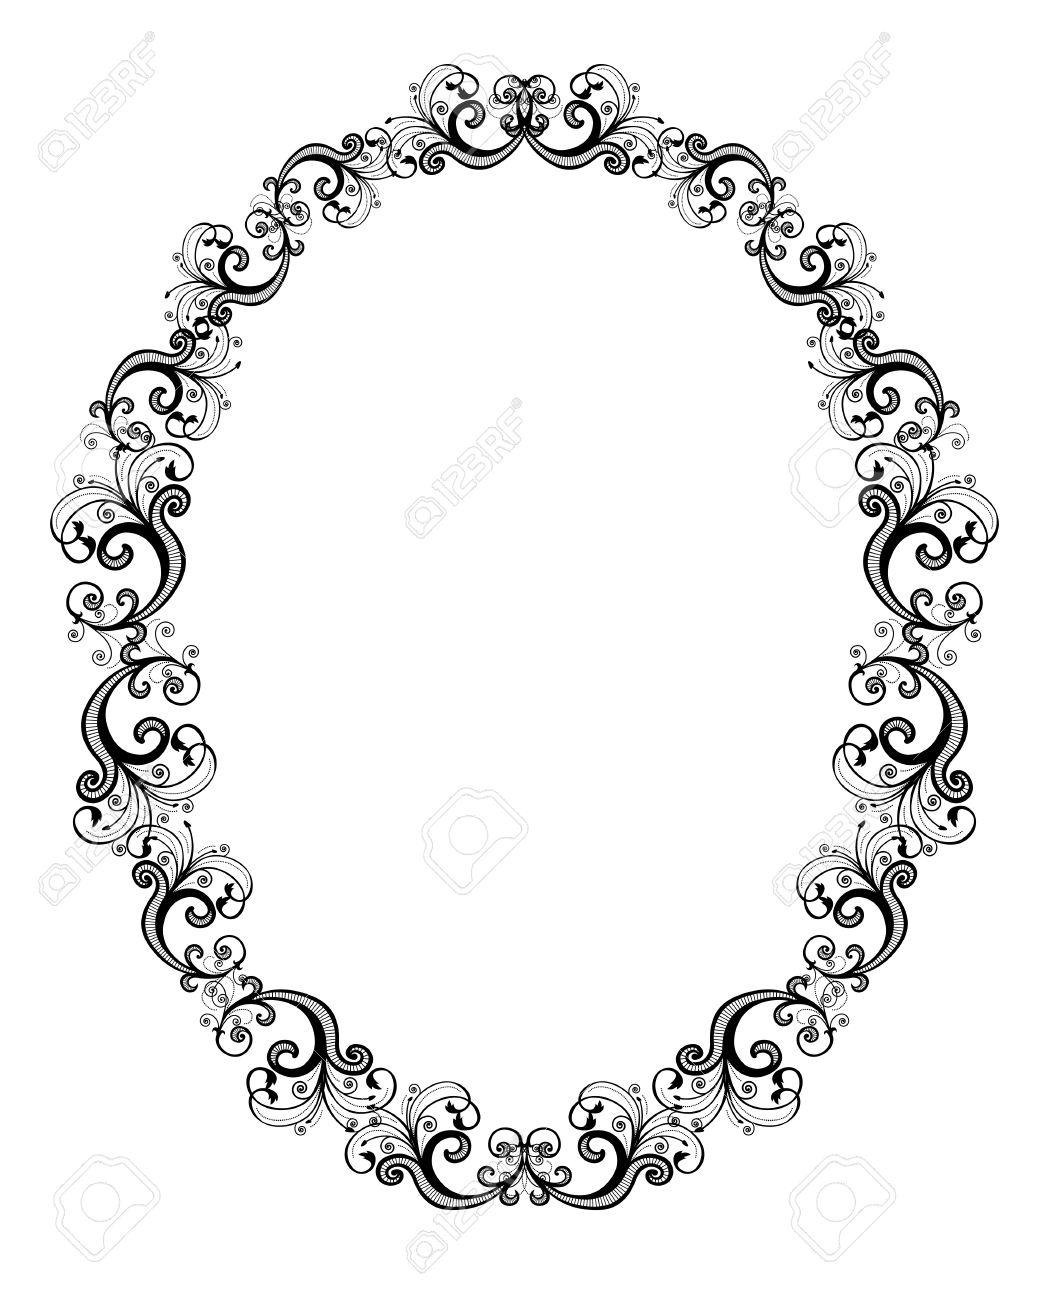 Vector Illustration Of Black Floral Frame Over White Background ...